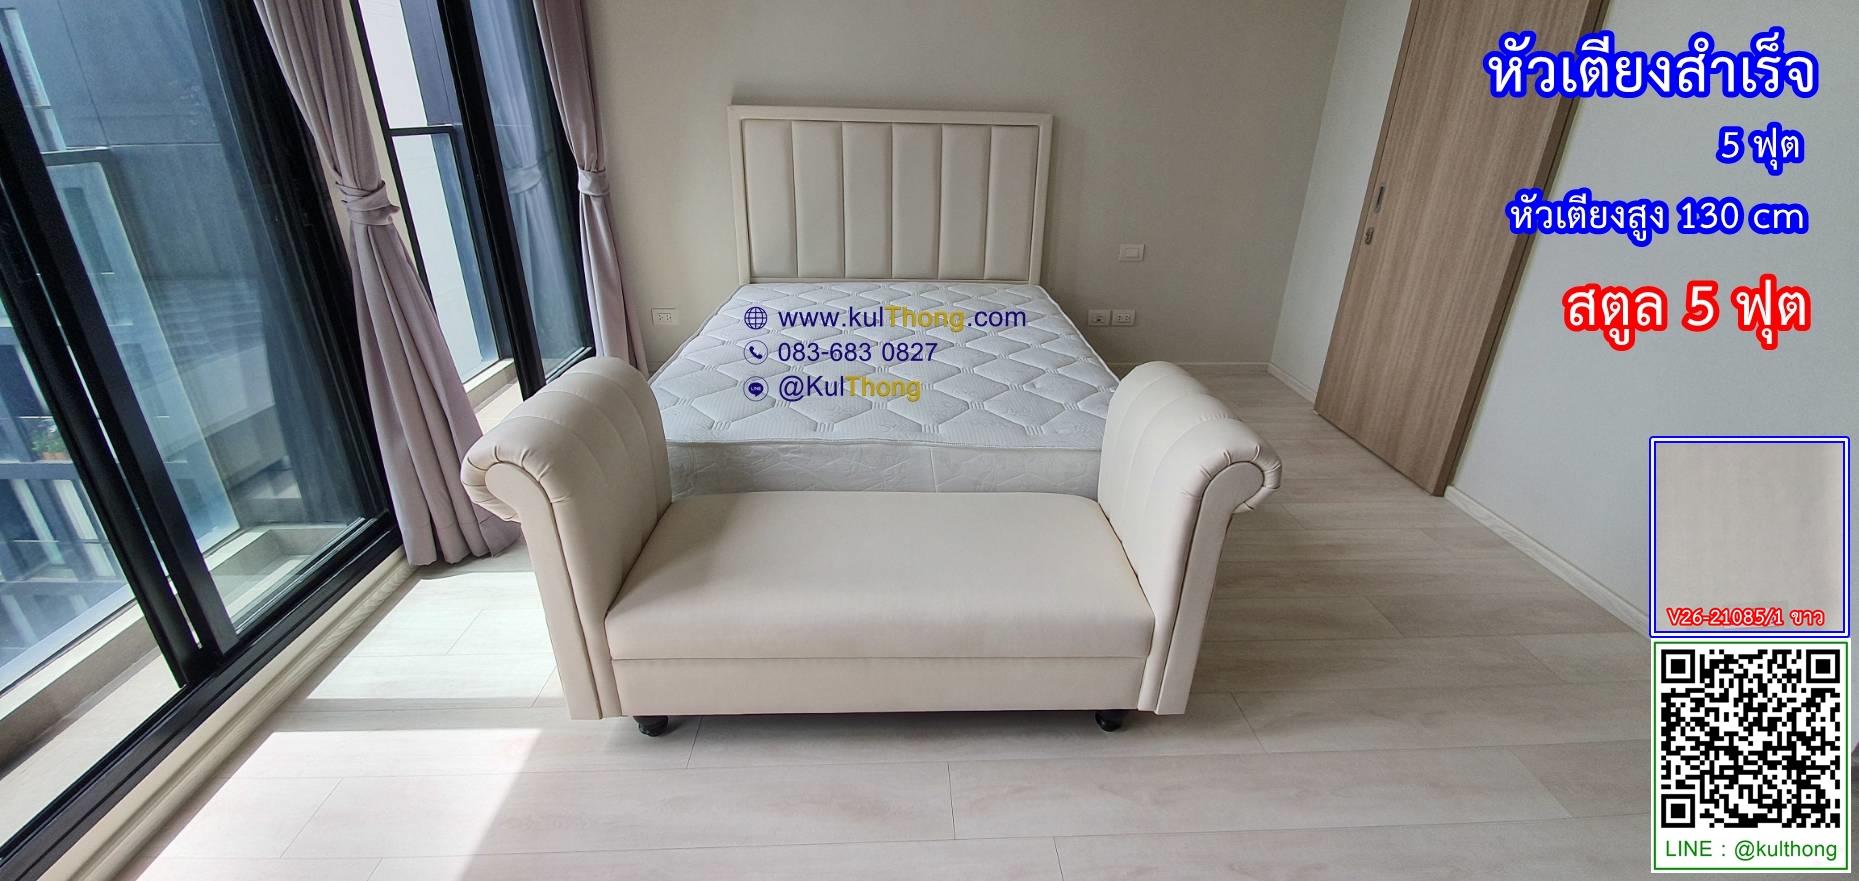 หัวเตียงสำเร็จ หัวเตียงหุ้มหนัง หัวเตียงติดกับฐานเตียง